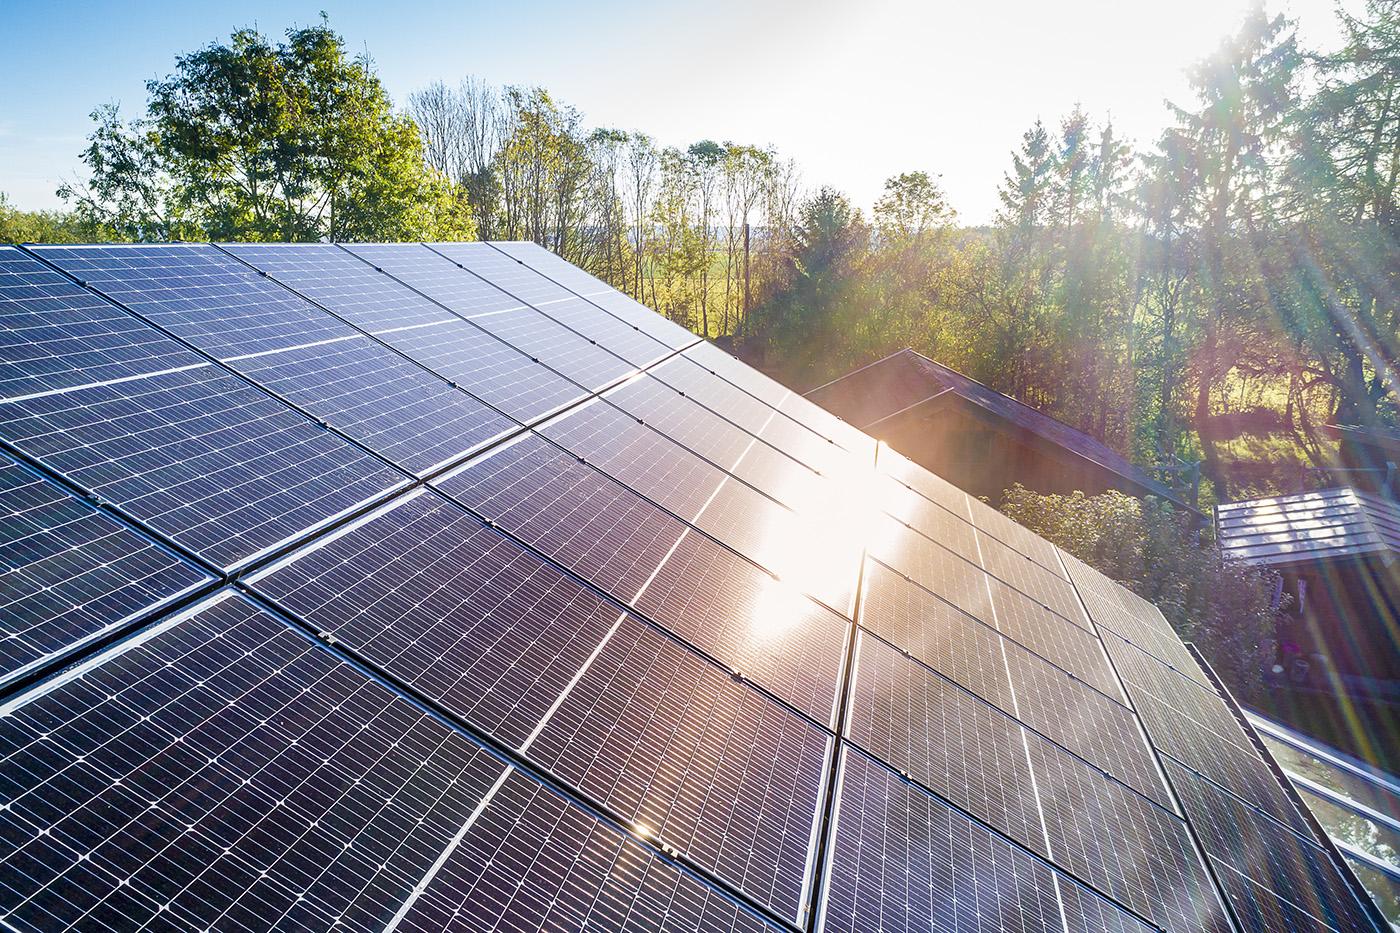 KR Solar, solar panels, KR solar panels, KR solar energy, residential solar panels